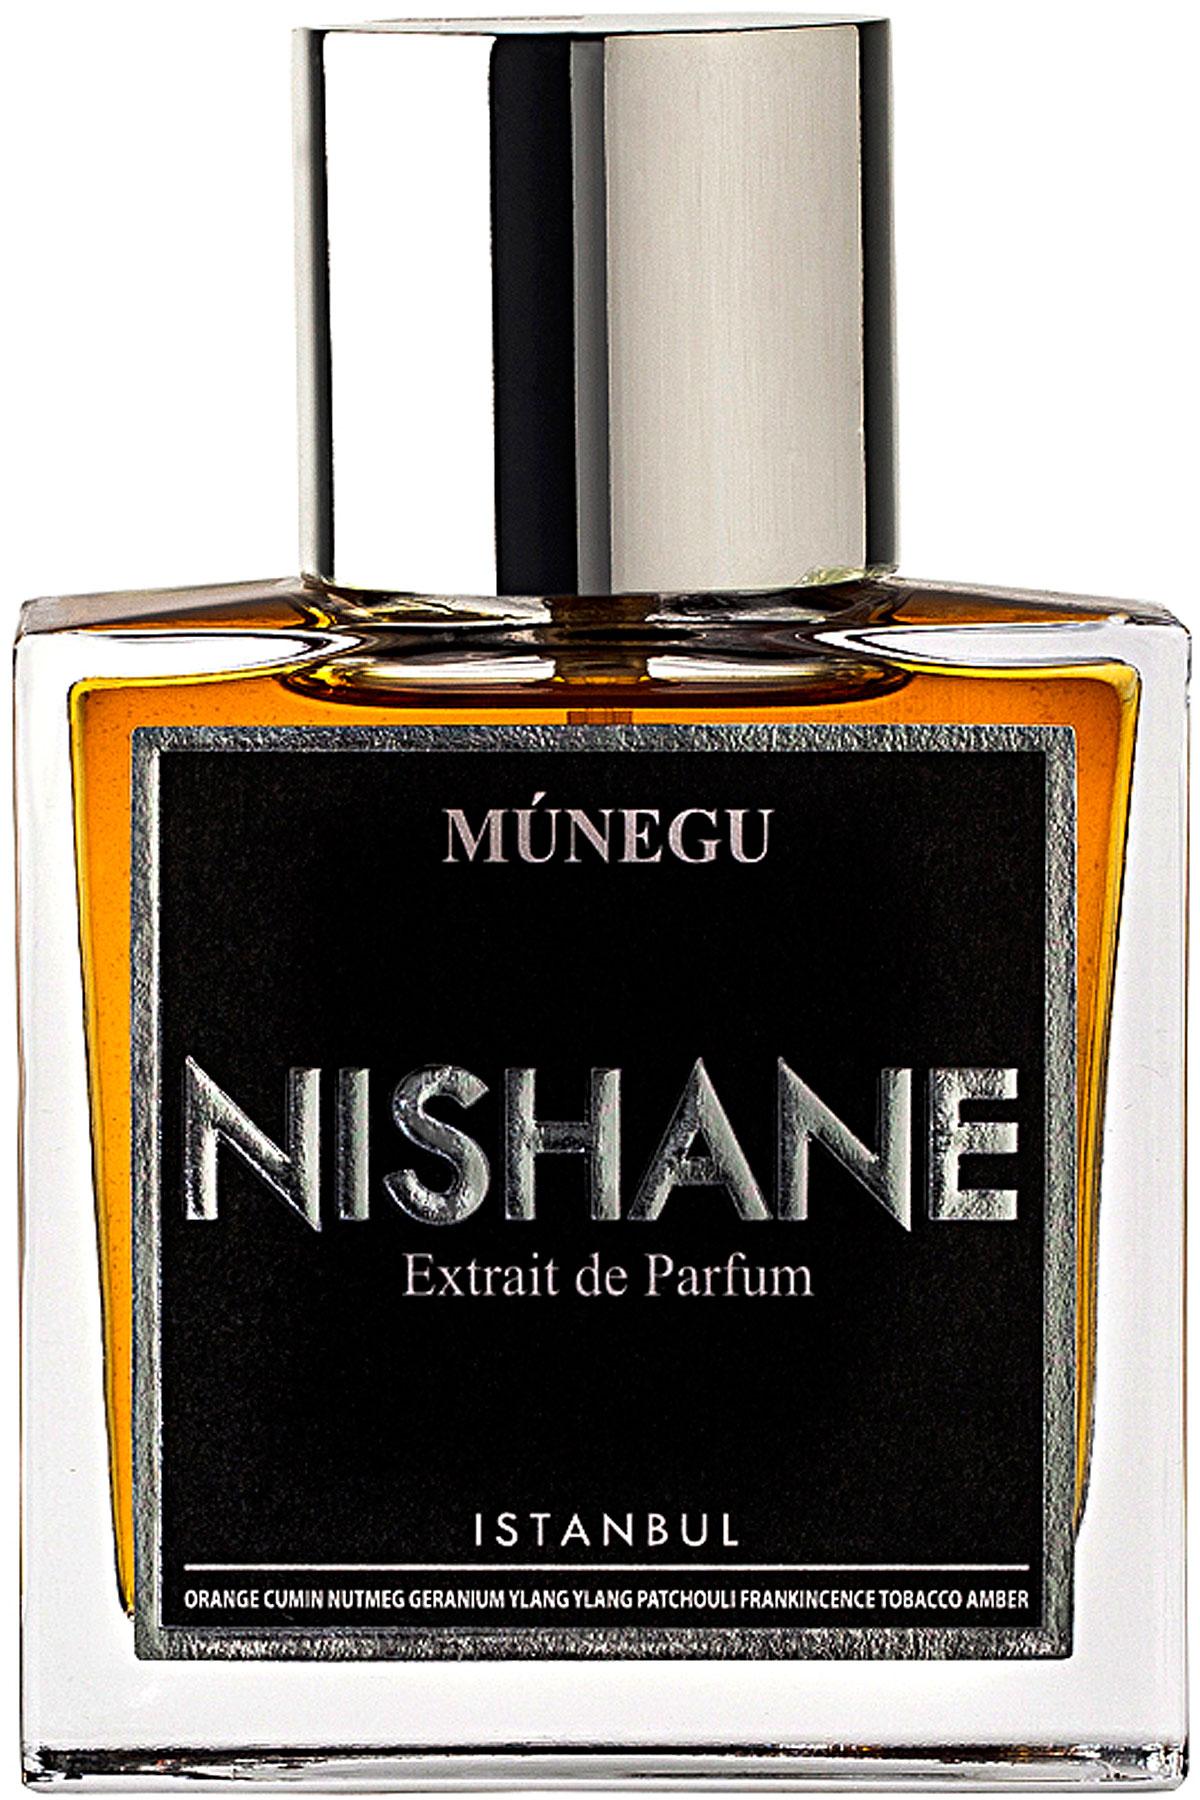 Nishane Fragrances for Men, Munegu - Extrait De Parfum - 50 Ml, 2019, 50 ml